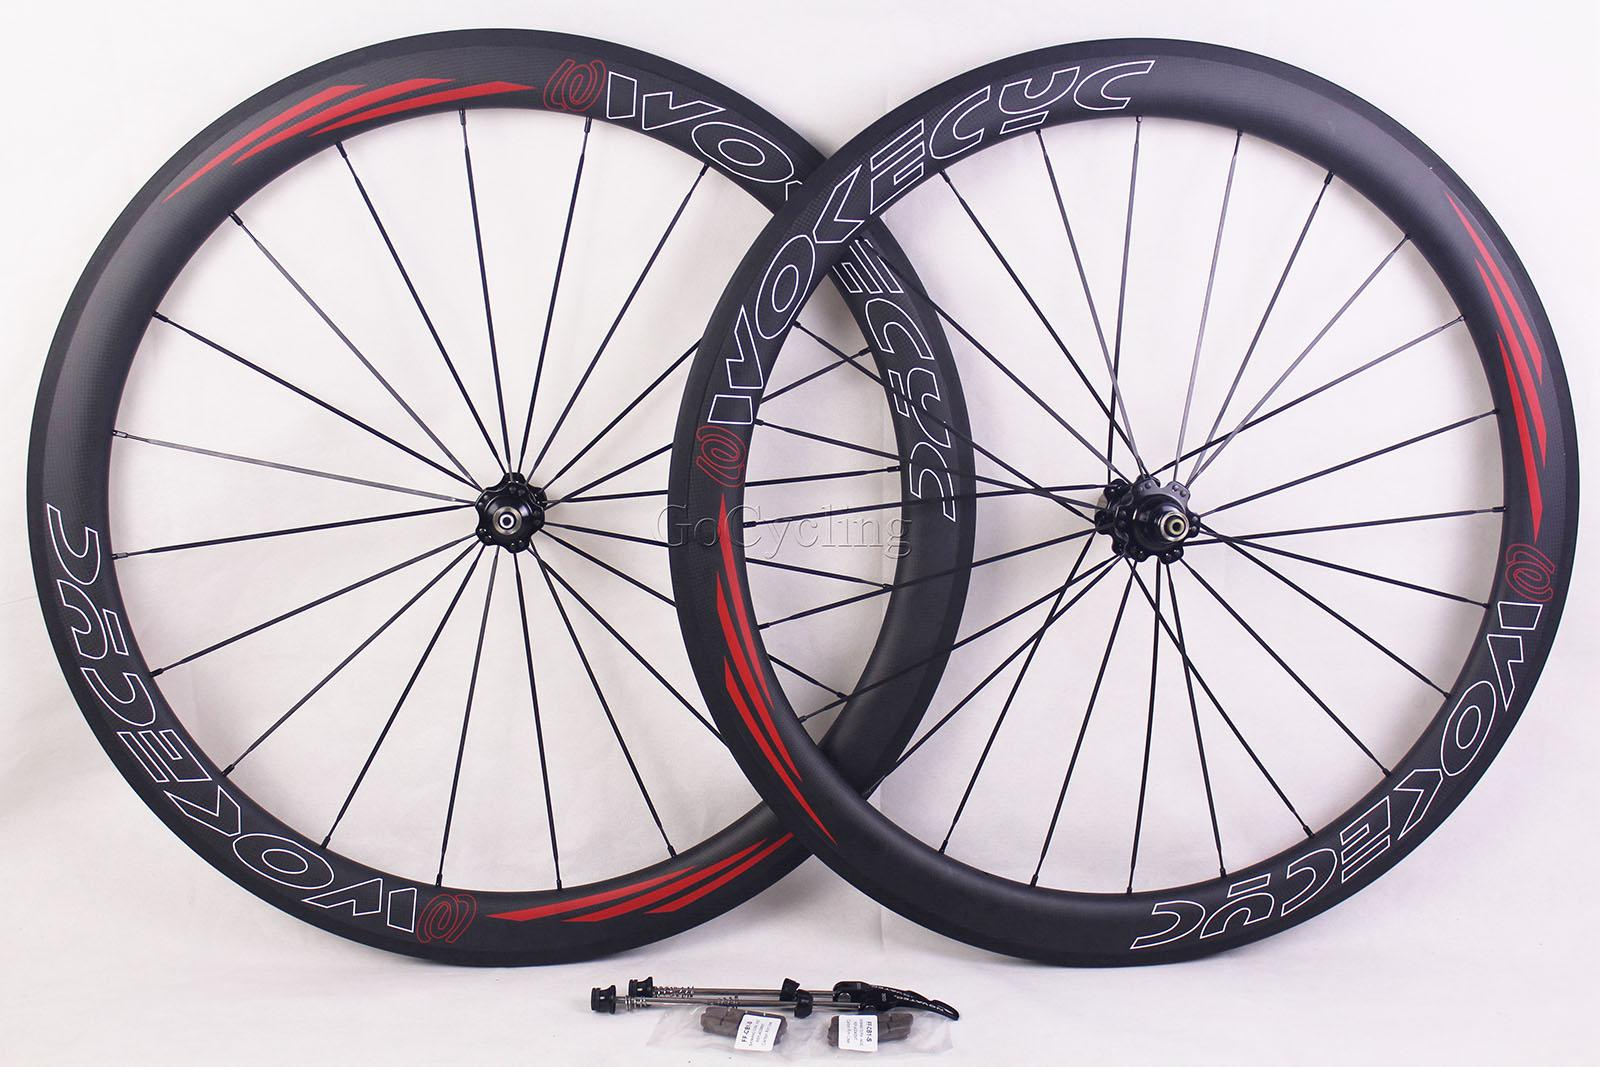 탄소 자전거 바퀴 현무암 브레이크 서프 림 깊이 50mm 클린 처 튜브 모양의 도로 사이클링 자전거 경주 novatc hubs와 700C wheelset